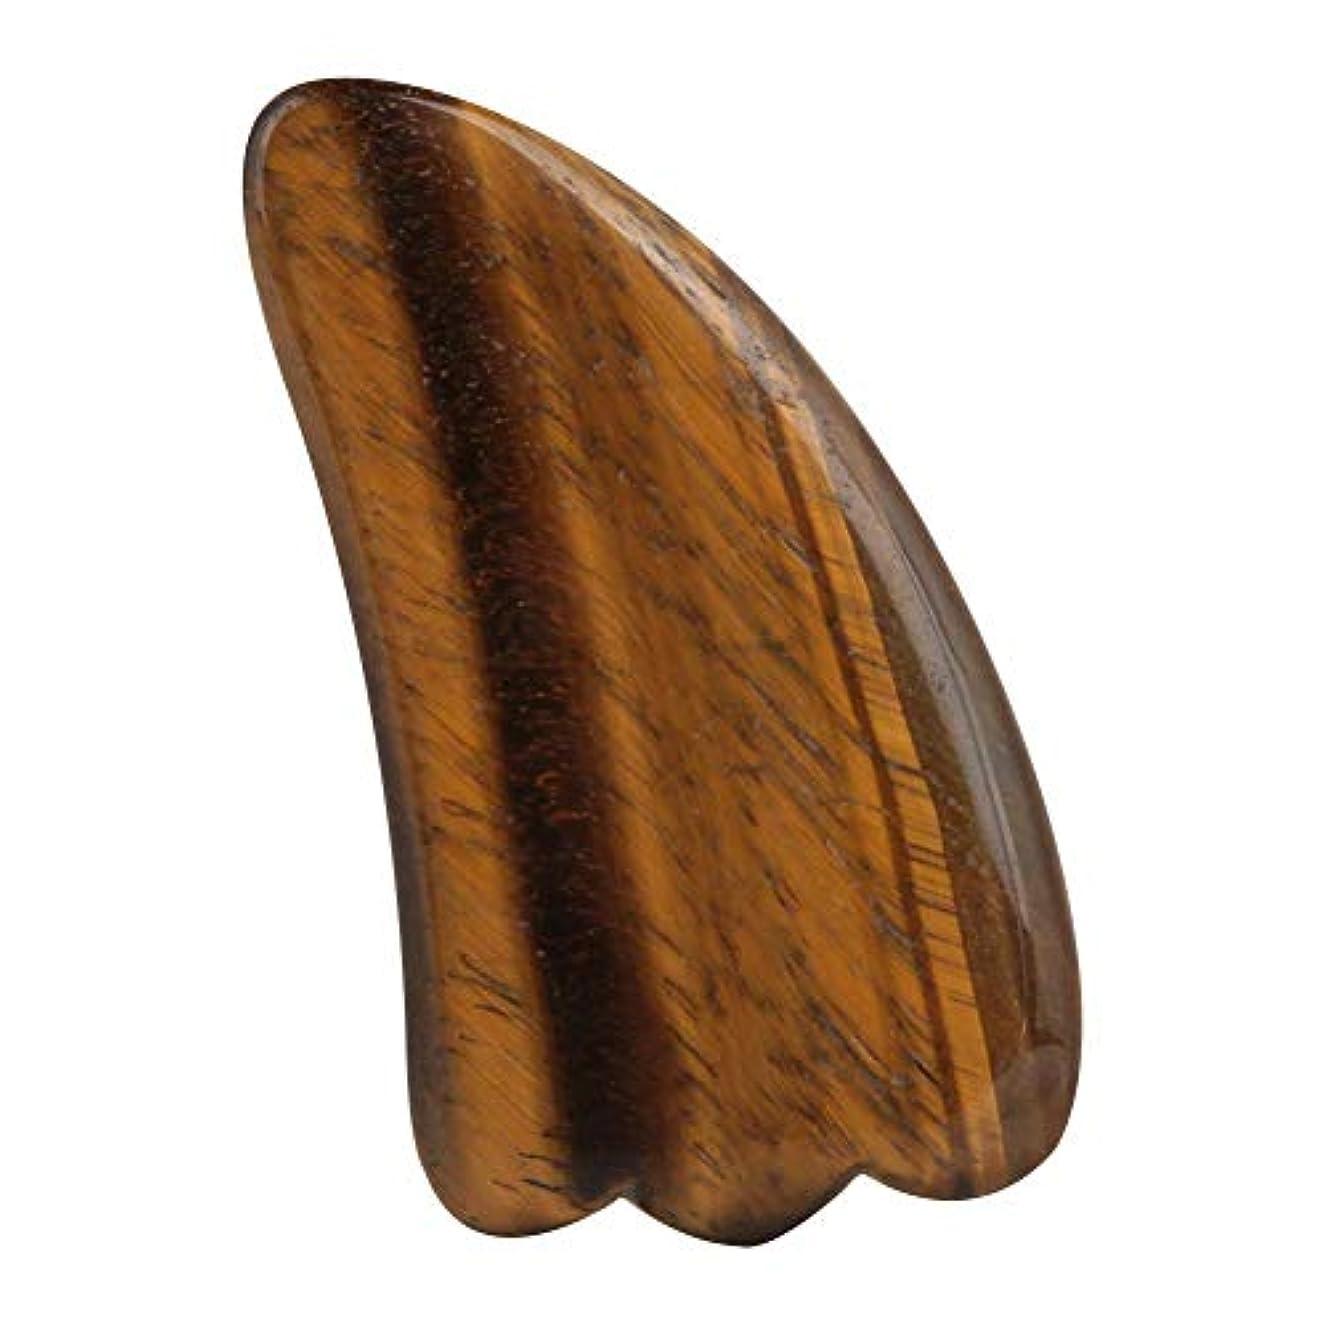 常識喪非難Gua Sha擦り落としツール、ナチュラルハンドメイドのタイガライトマッサージ掻き取りプレートツール、美容と痛みを和らげるマッサージ